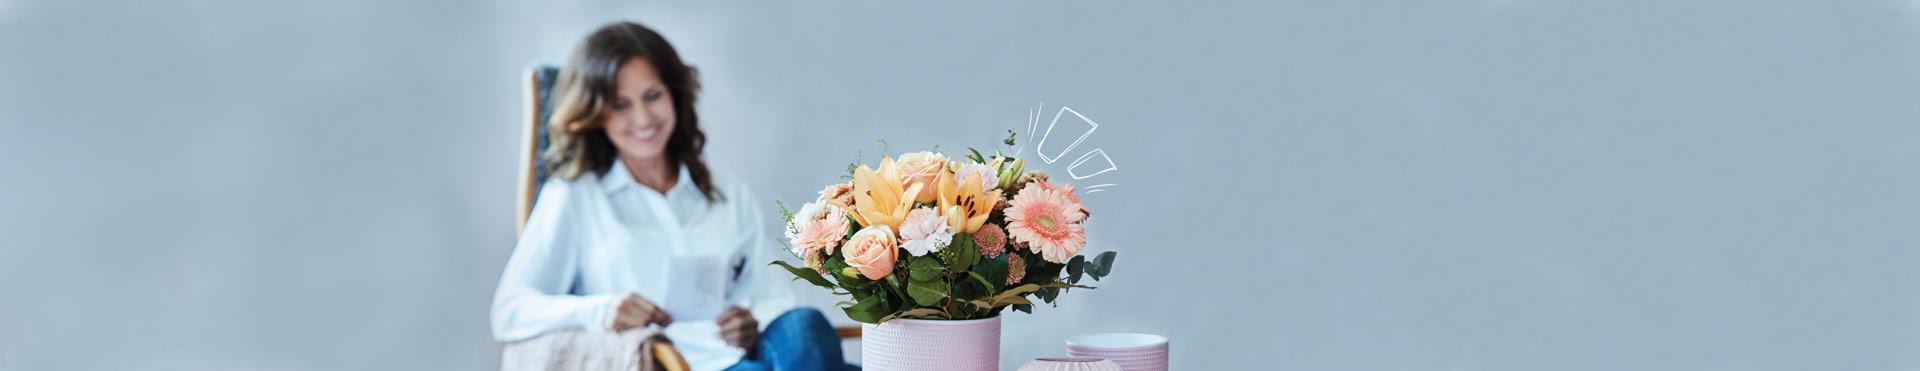 I förgrunden på ett soffbord står en vas med en vacker bukett i aprikos och orange, i fåtöljen i bakgrunden sitter en leende kvinna och läser en hälsning som följt med blombudet.